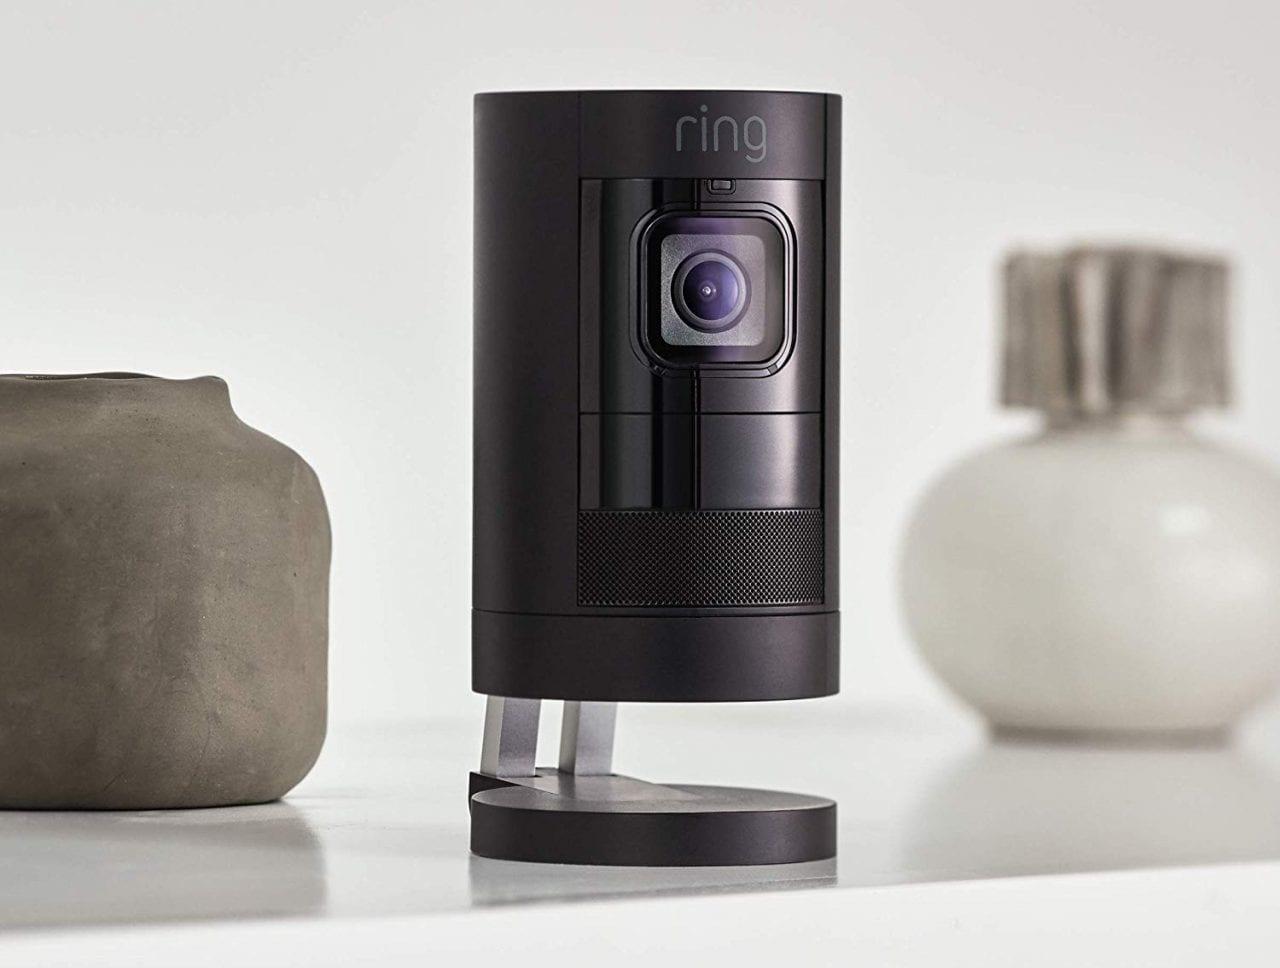 Sorvegliate la vostra casa con Ring Stick Up Cam, oggi a 129€ in offerta lampo